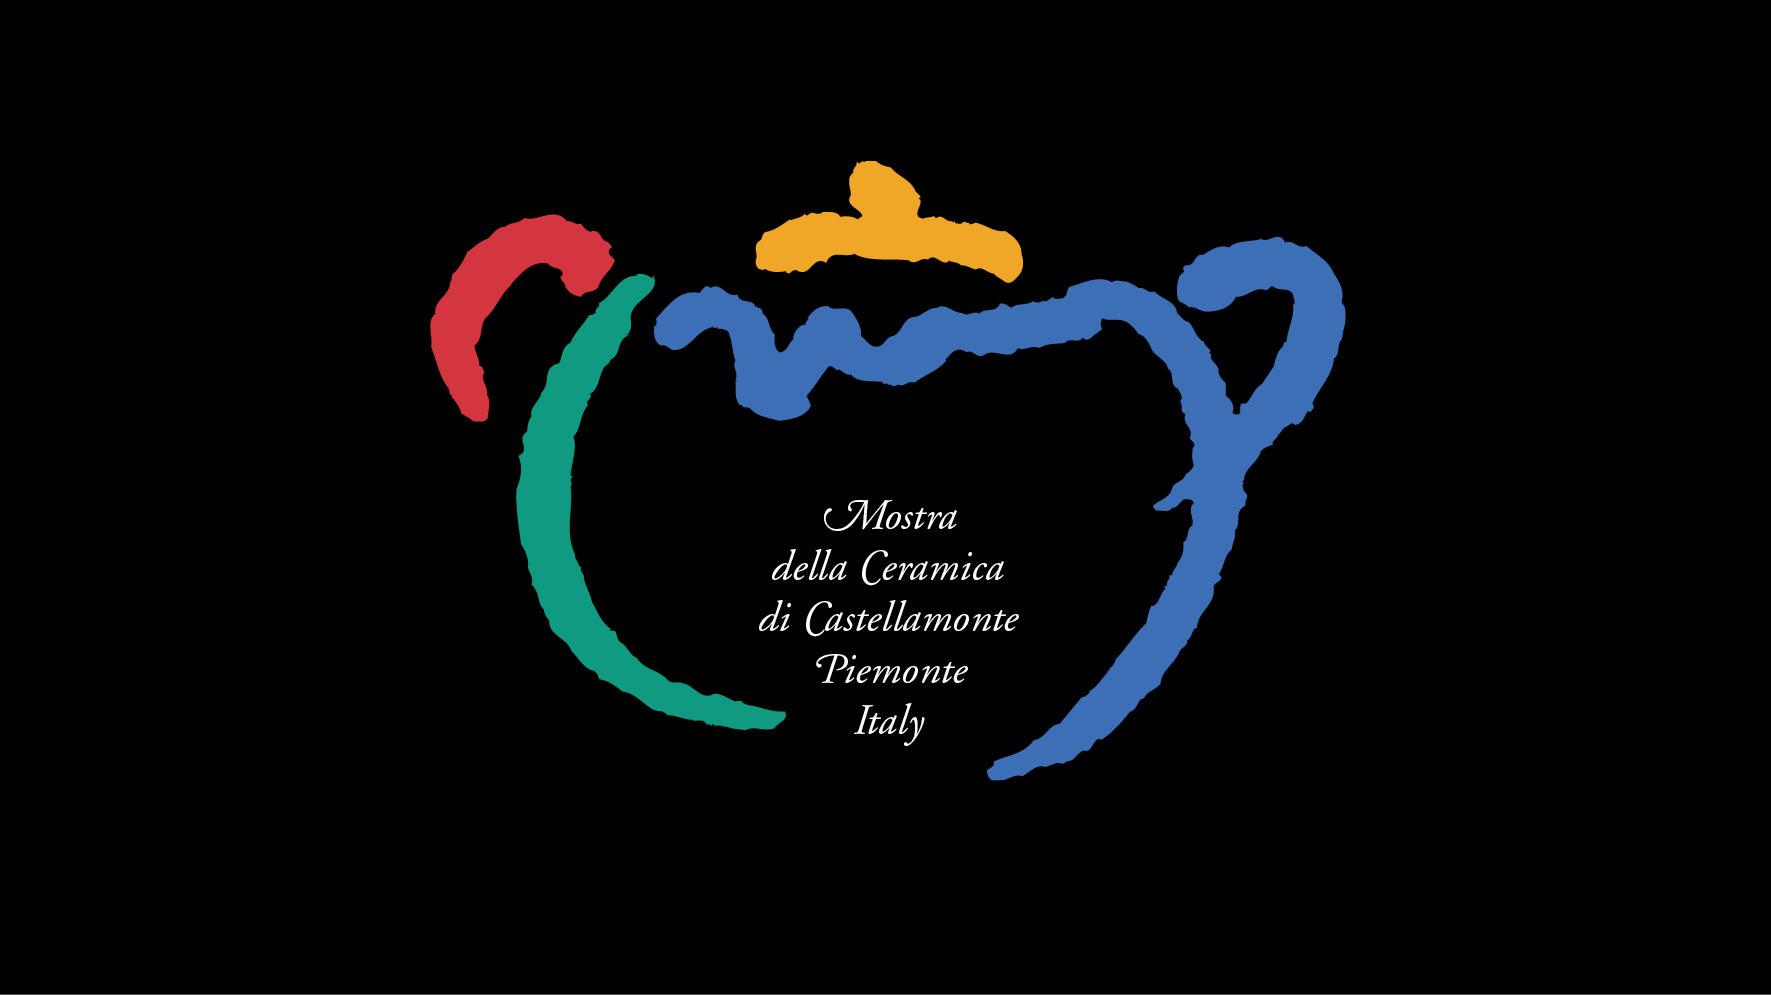 Mostra Della Ceramica Di Castellamonte.Tranti Design Identita